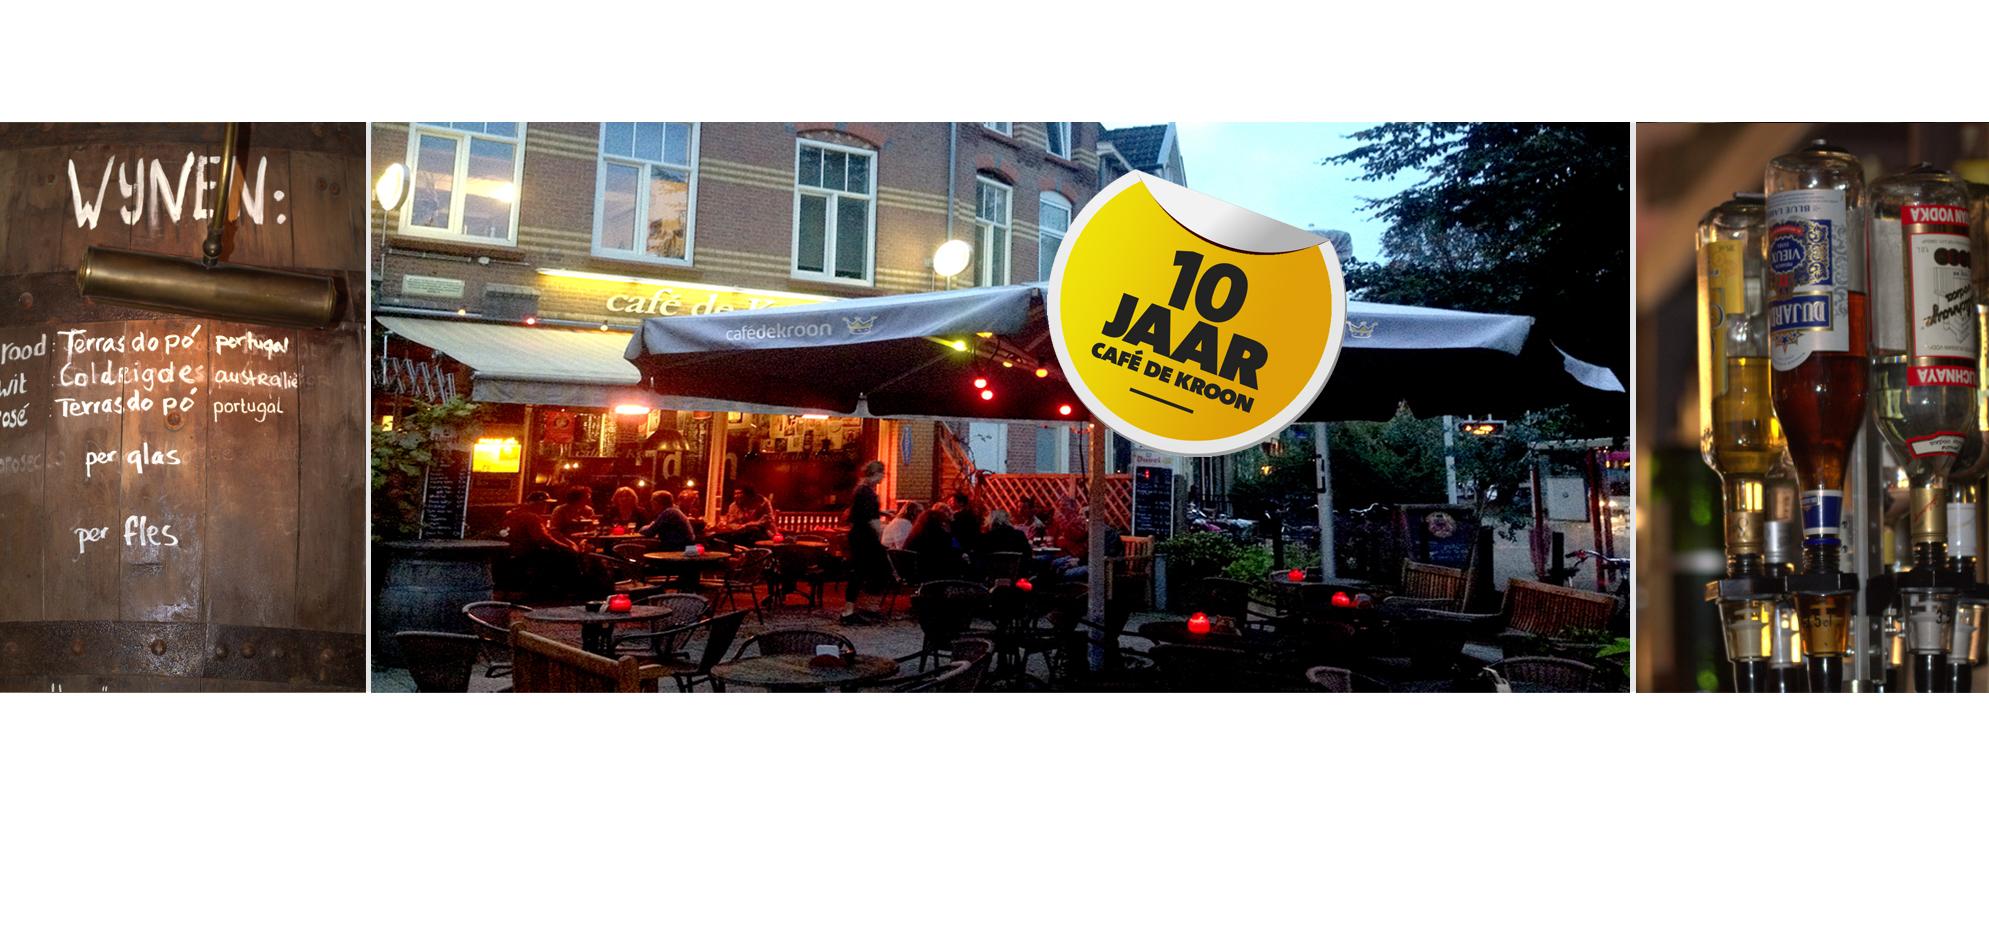 slide café de kroon nijmegen 10 jaar